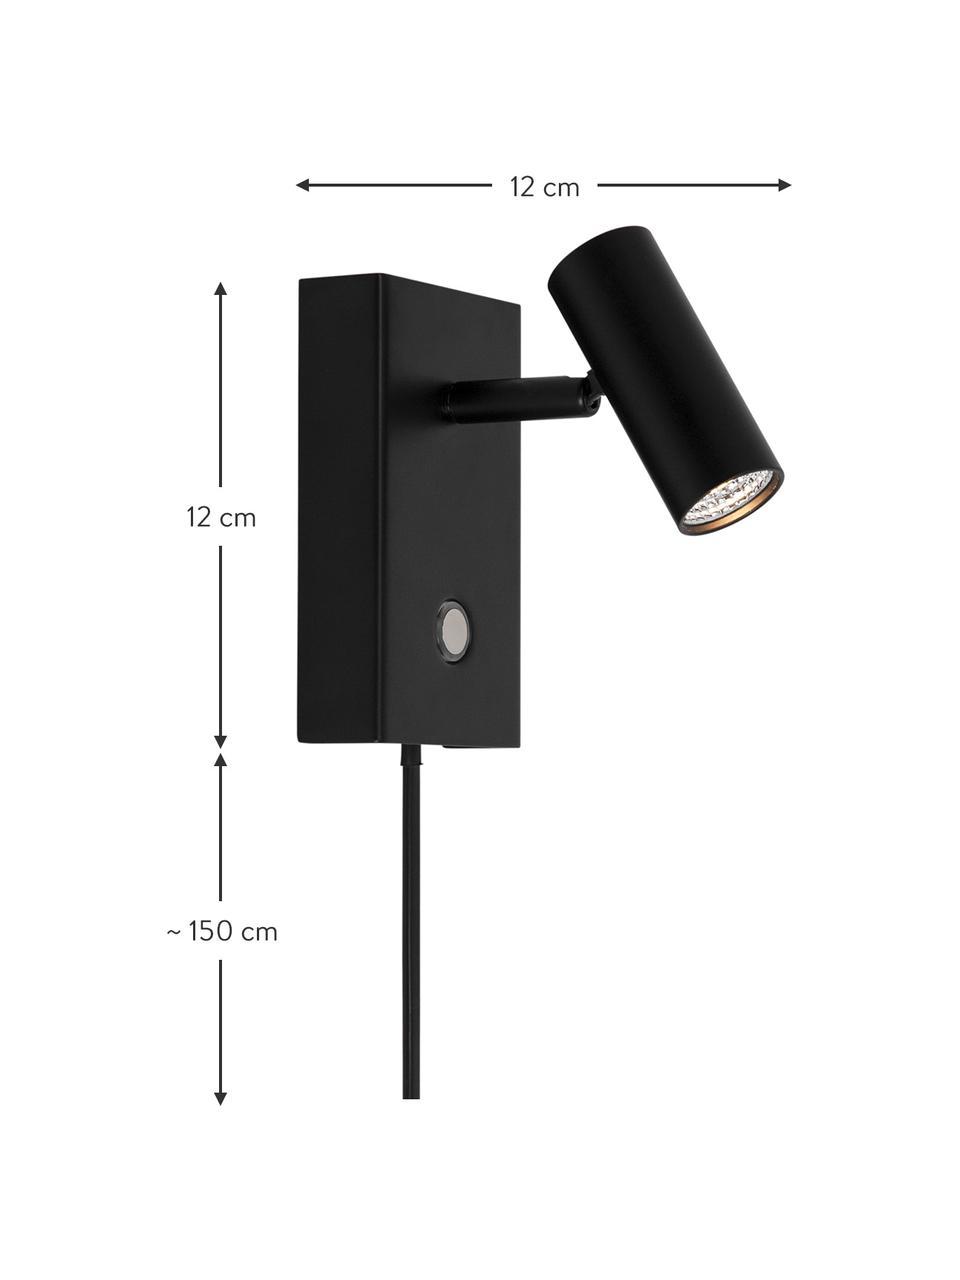 Dimmbare LED-Wandleuchte Omari mit Stecker in Schwarz, Lampenschirm: Metall, beschichtet, Schwarz, 7 x 12 cm